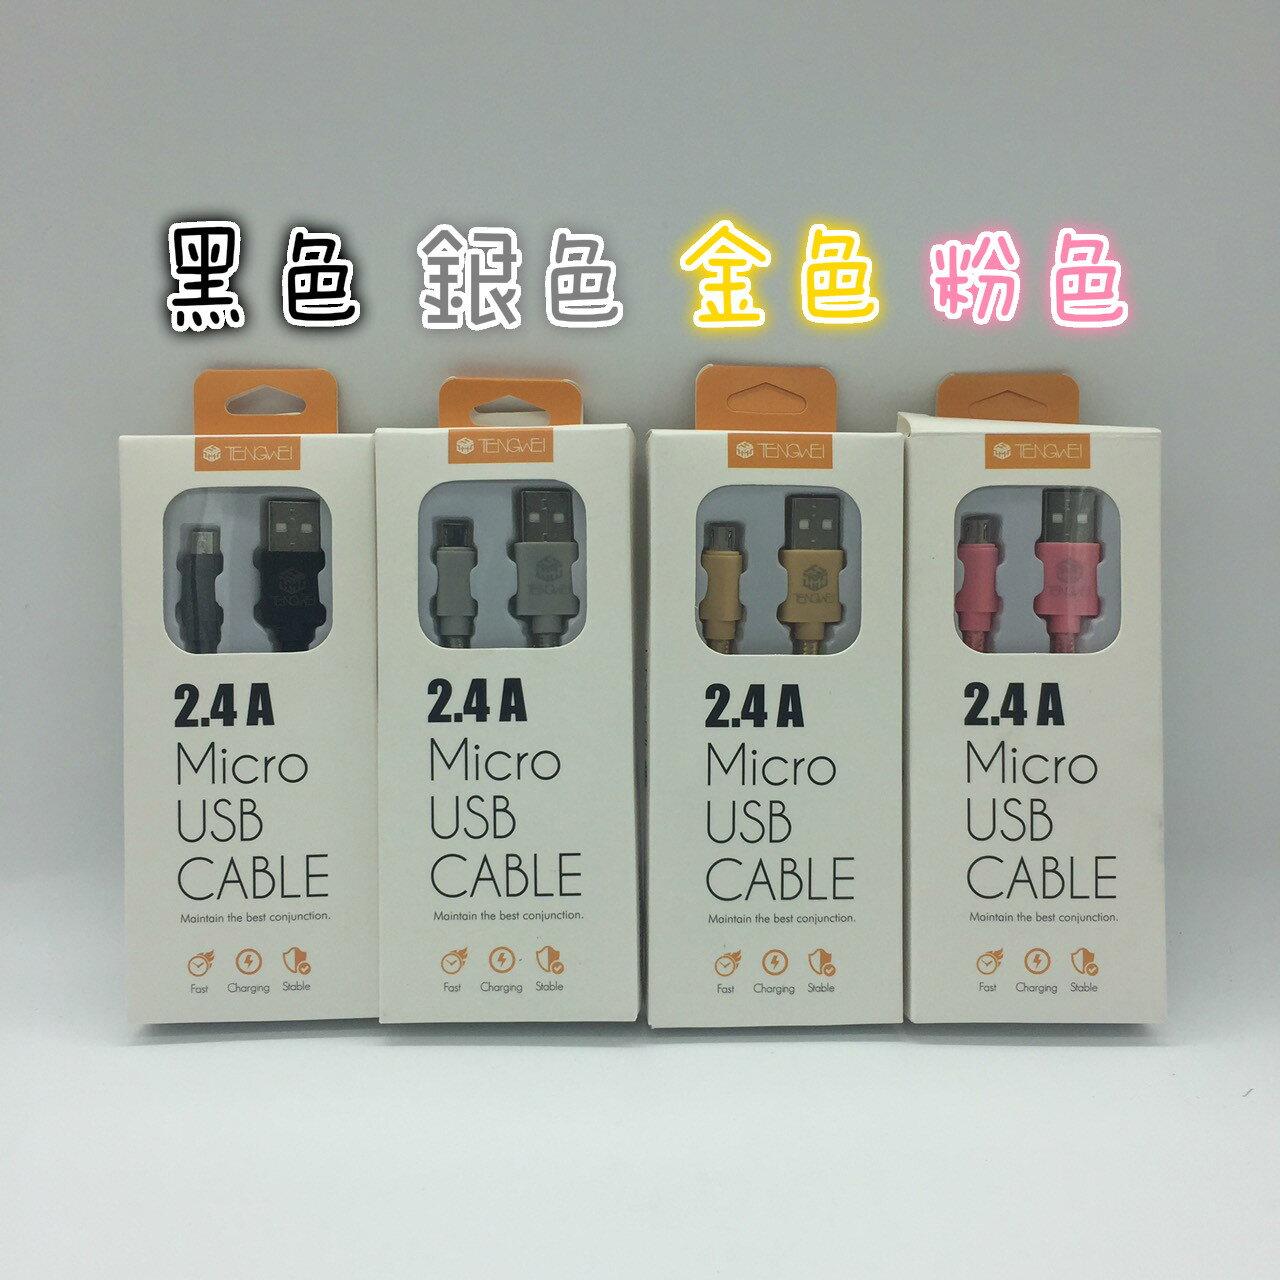 充電線 現貨供應 買1送1 2.4A快速傳輸充電線 3C 傳輸線 充電線 電腦周邊 1